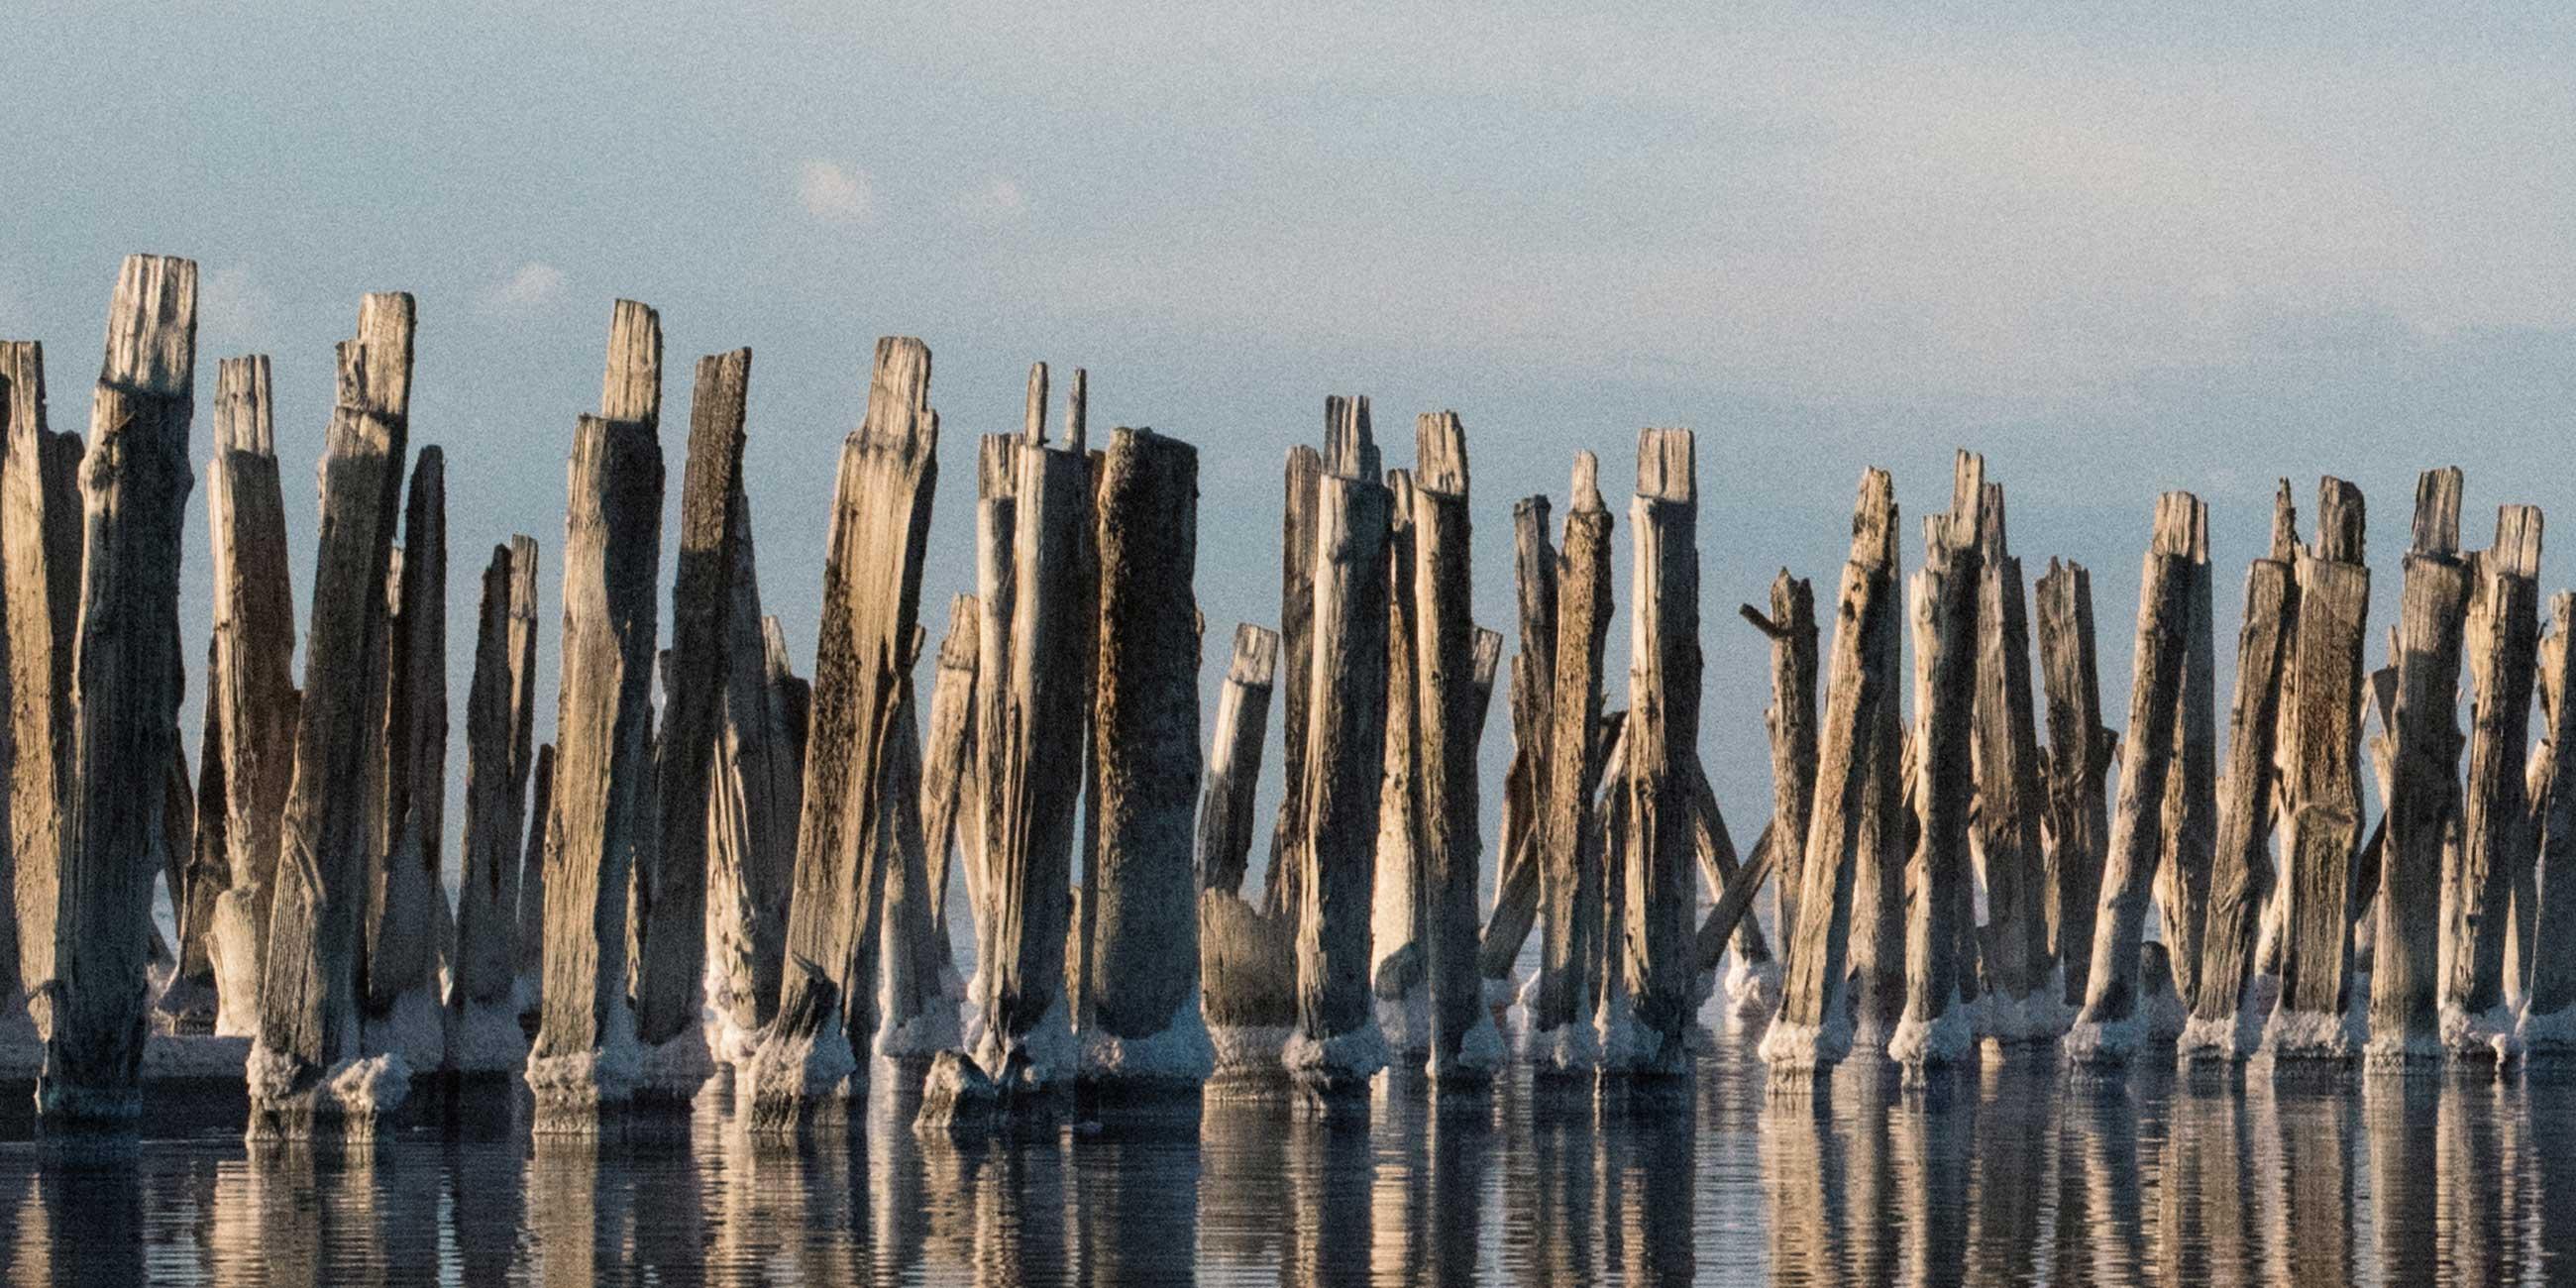 Красивые панорамные снимки хорошо получатся на деревянных плотинахФото: instagram.com/kate.hevan